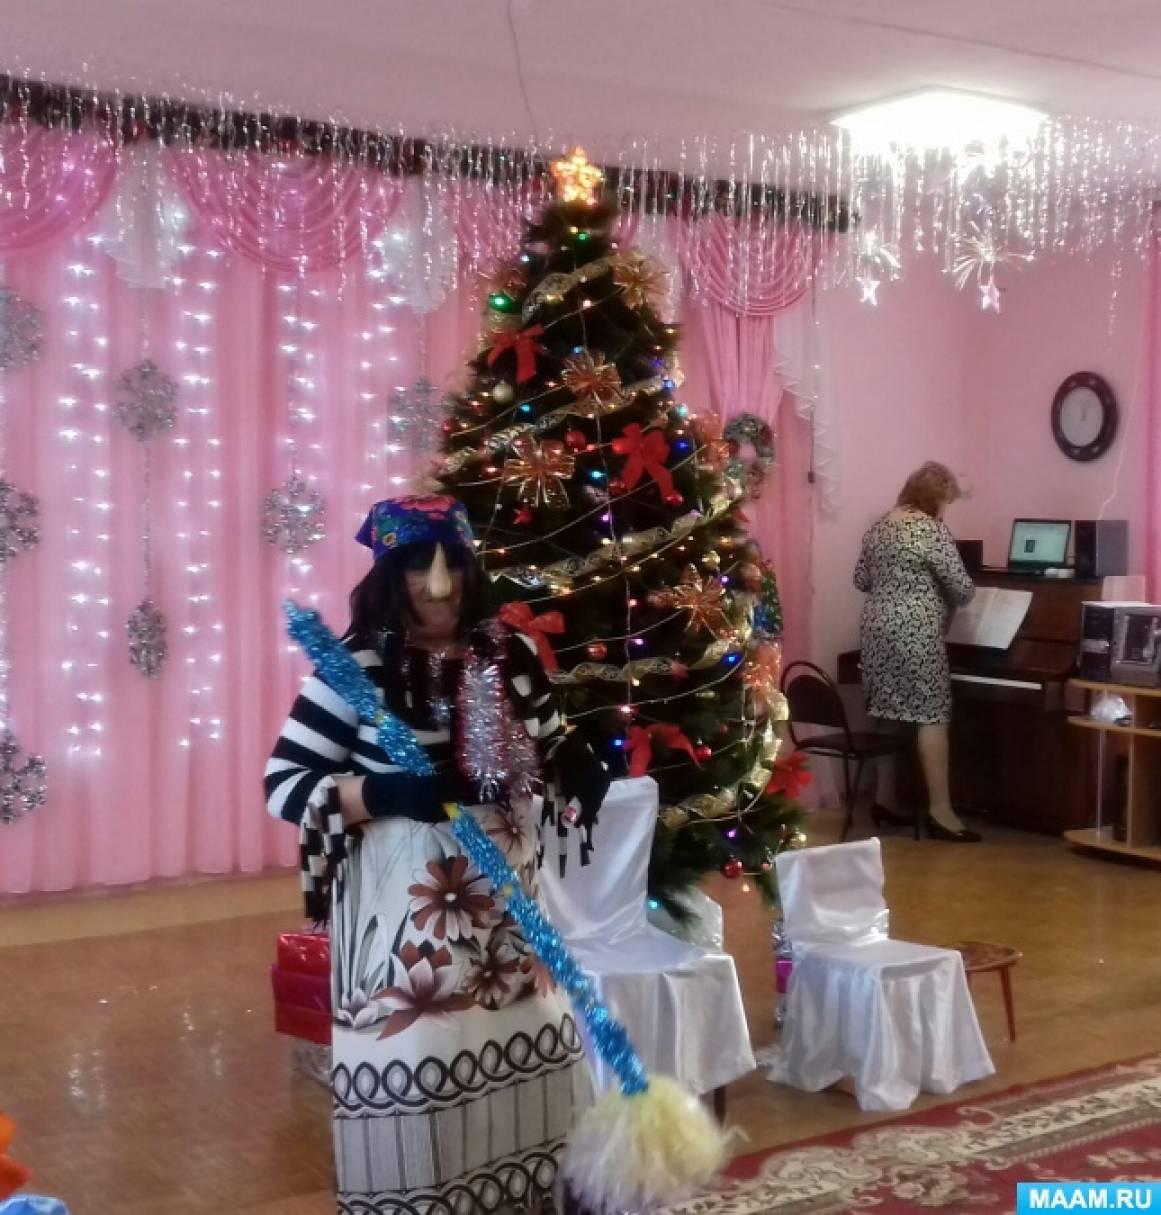 Фотоотчёт «Новый год у ворот»